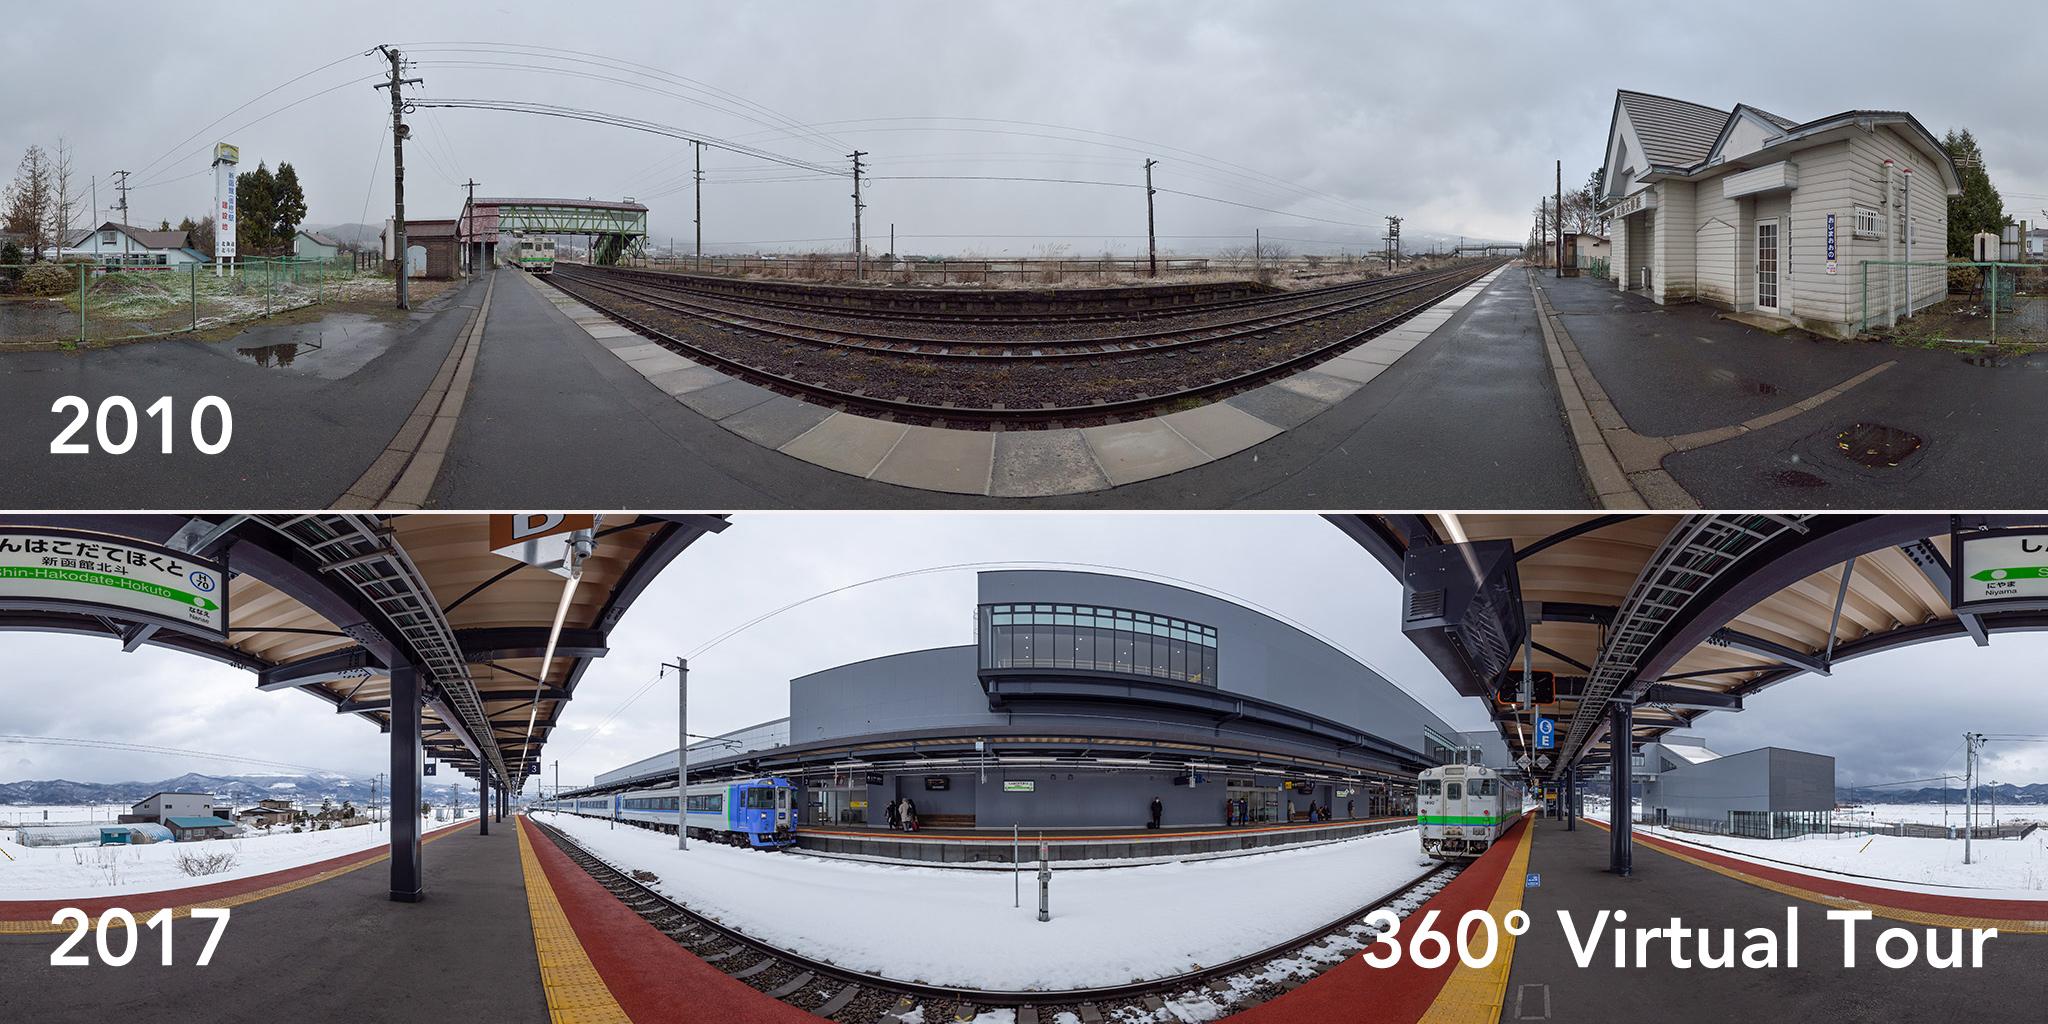 渡島大野駅→新函館北斗駅 360° Virtual Tour